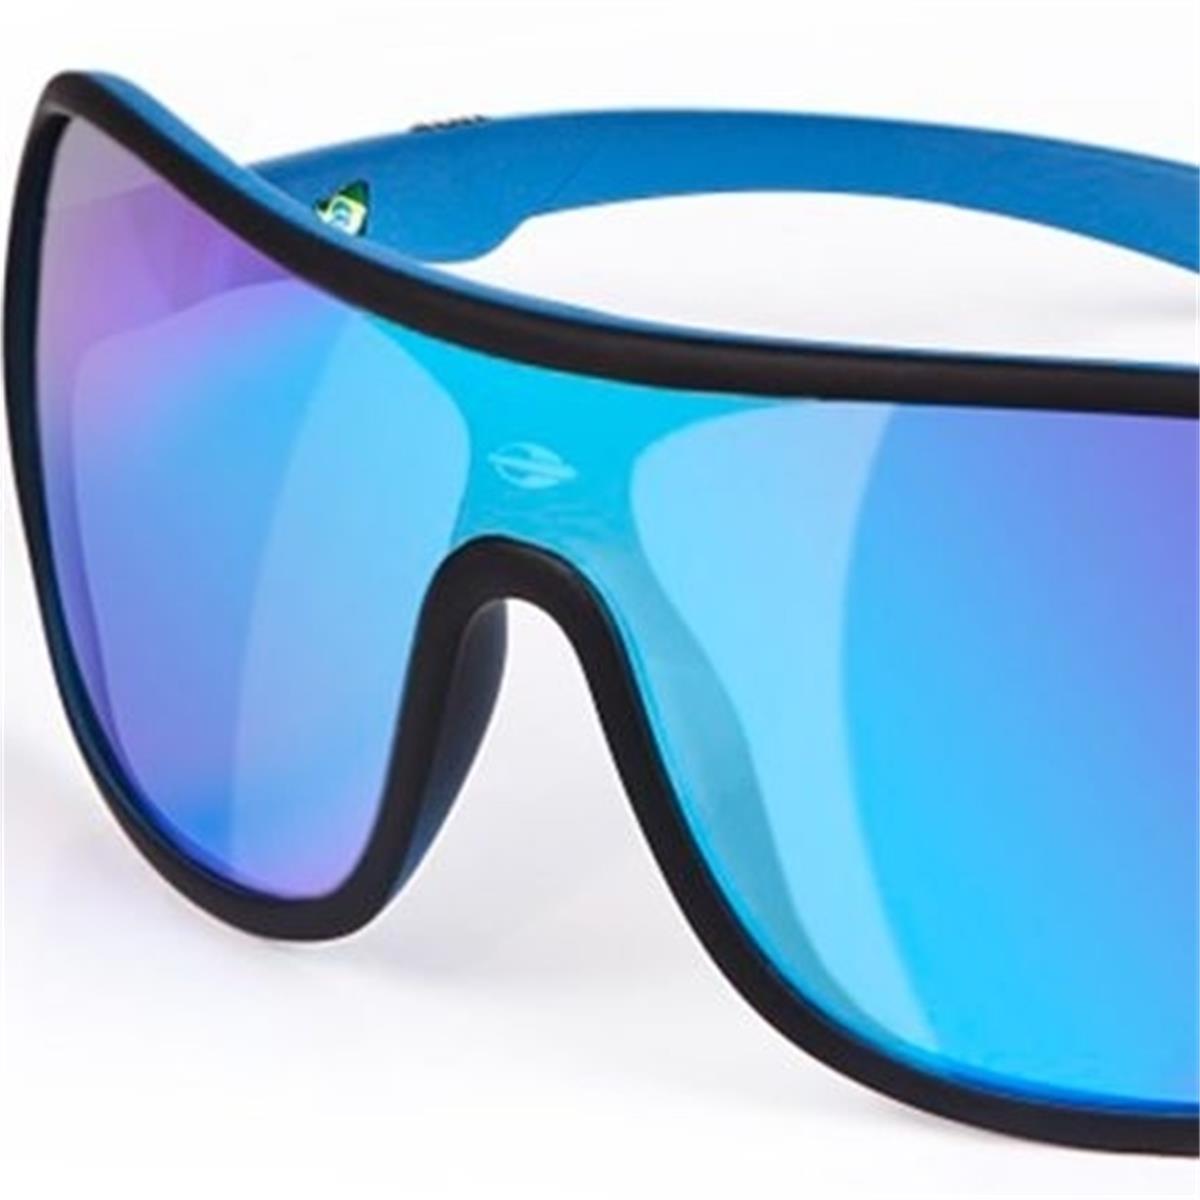 Óculos de Sol Preto e Azul Fosco Speranto Mormaii cc72f0cbf7